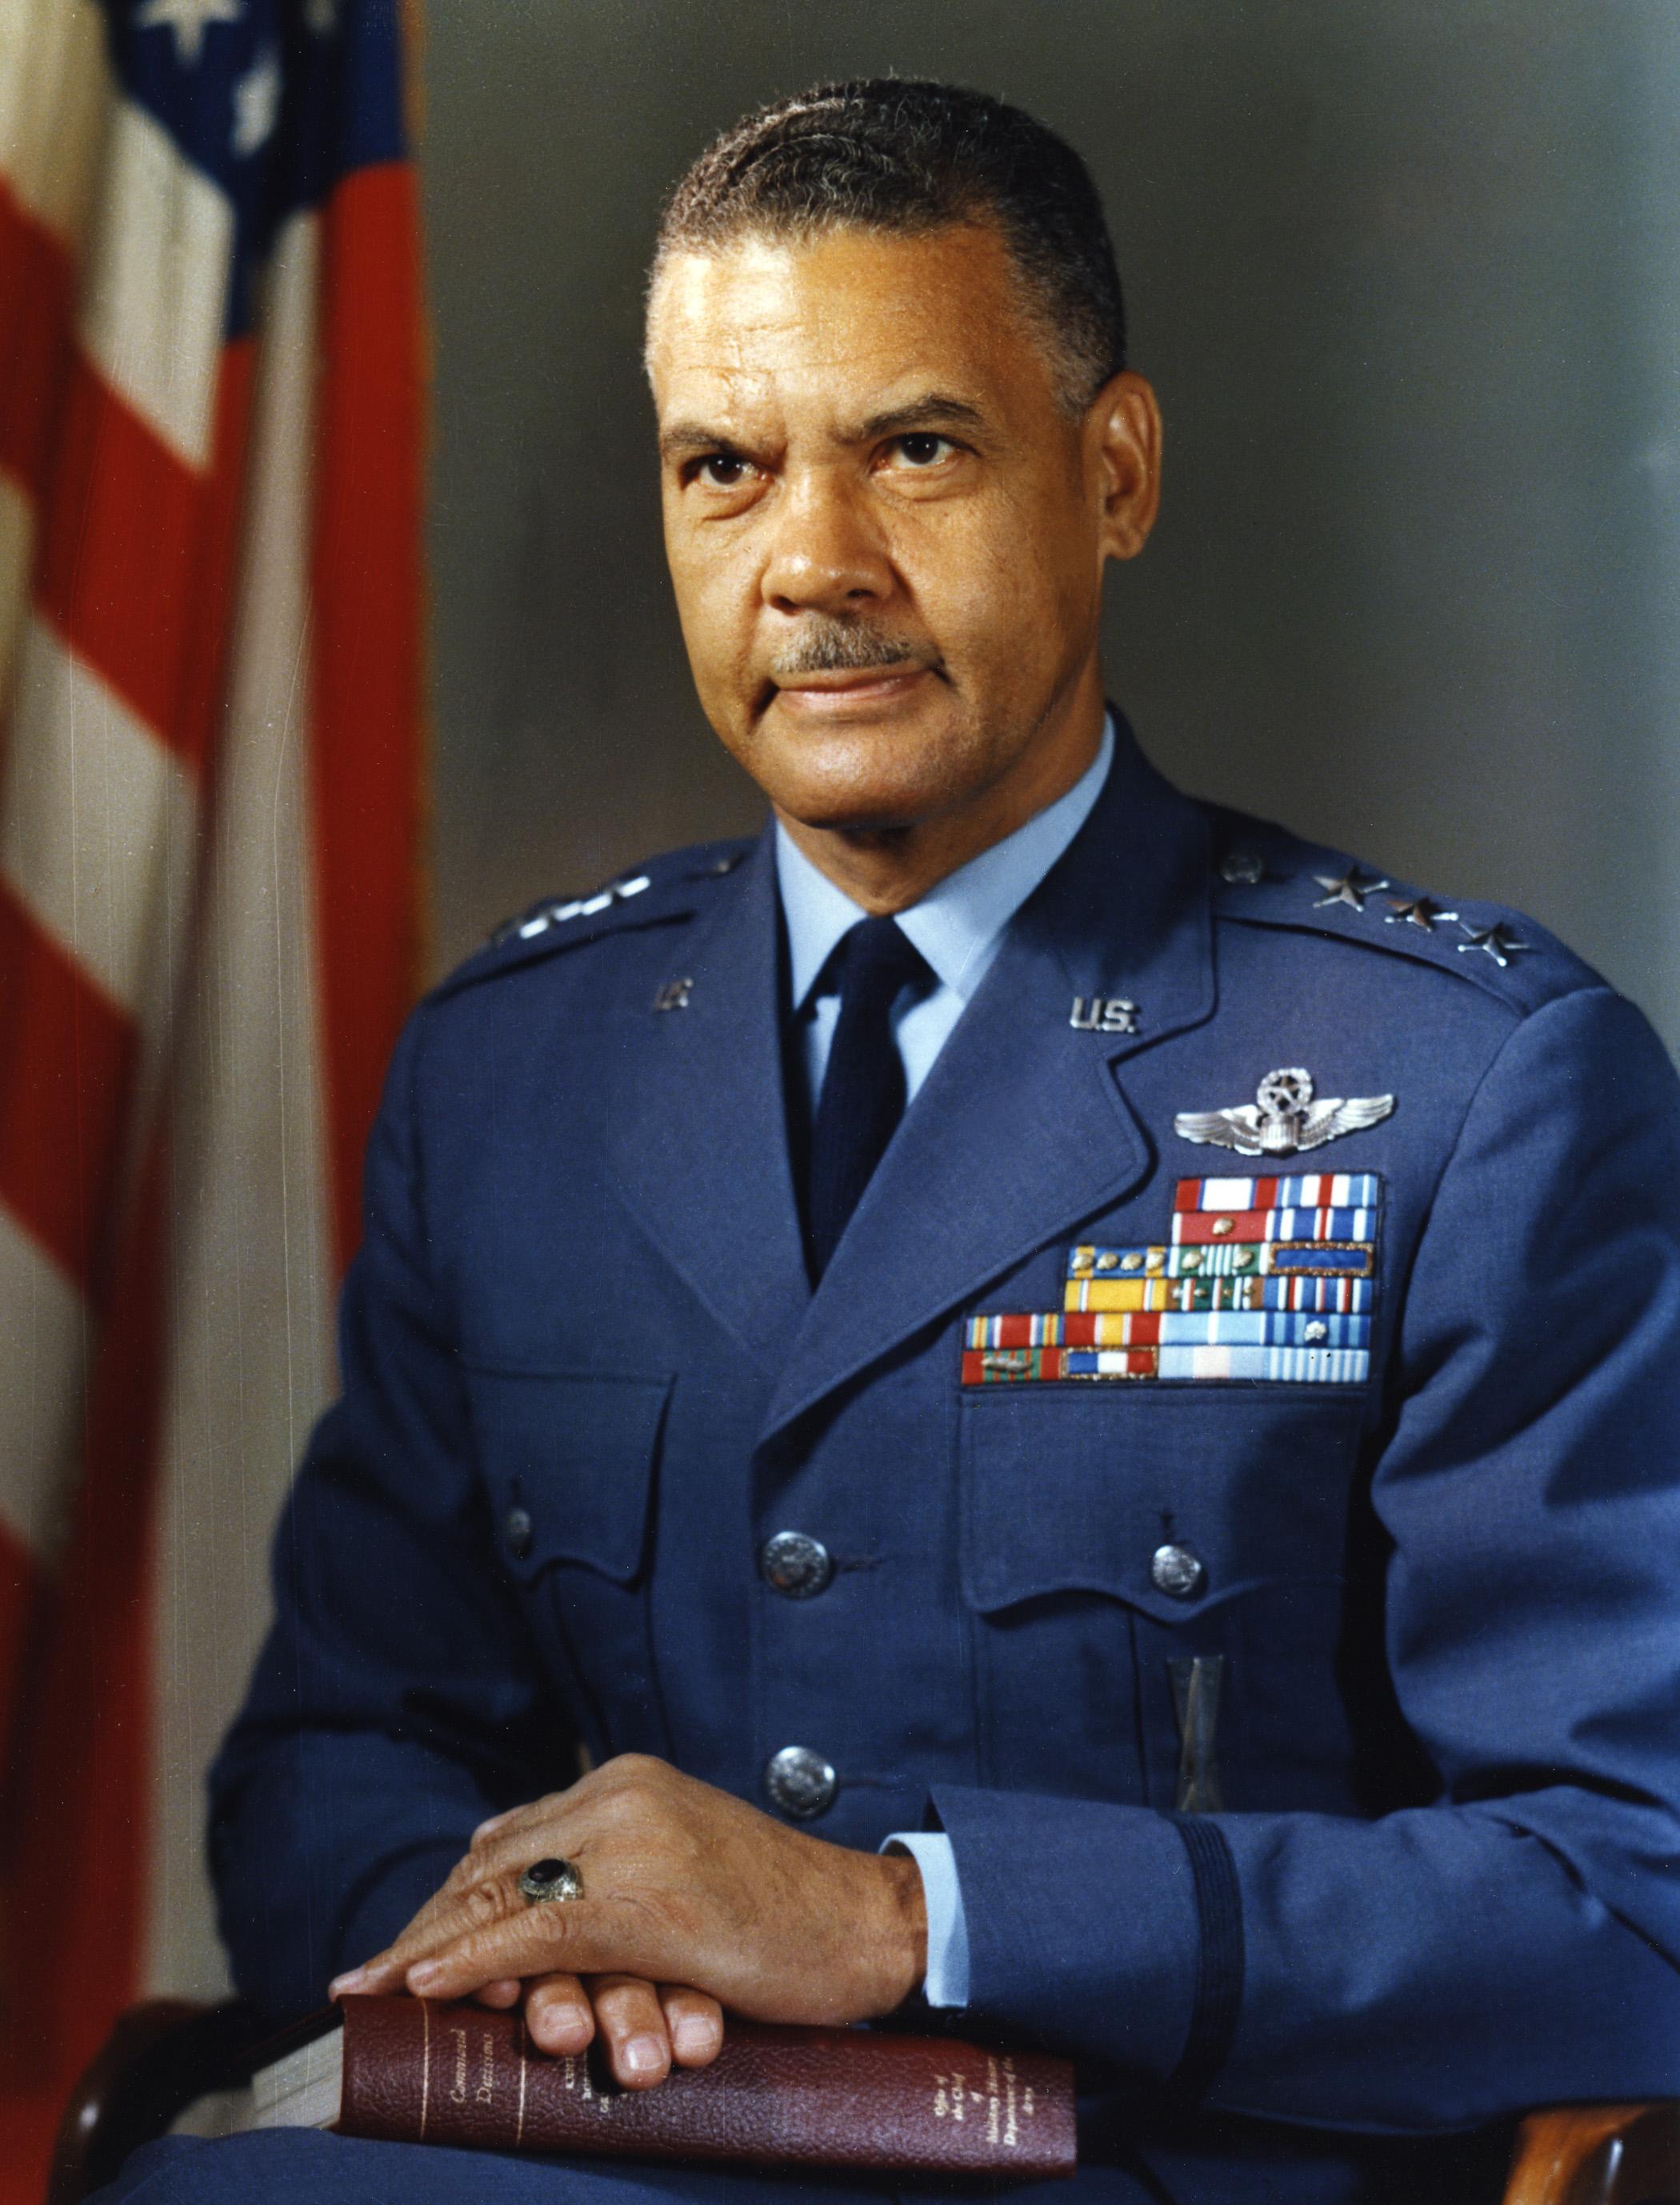 Benjamin O  Davis Jr  - Wikipedia